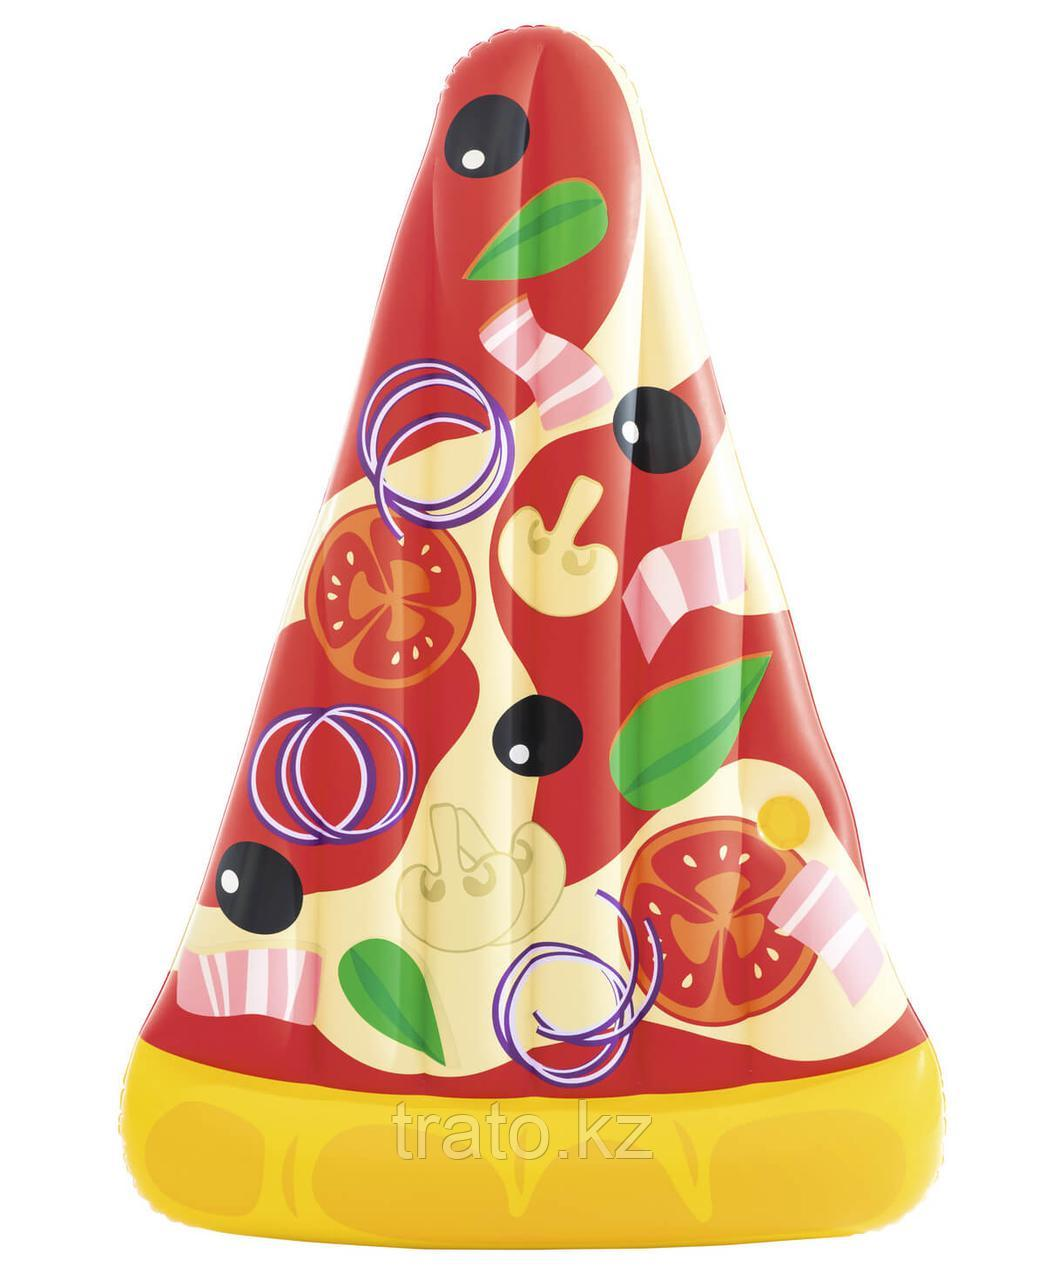 Надувной матрас Пицца, 188x130см.